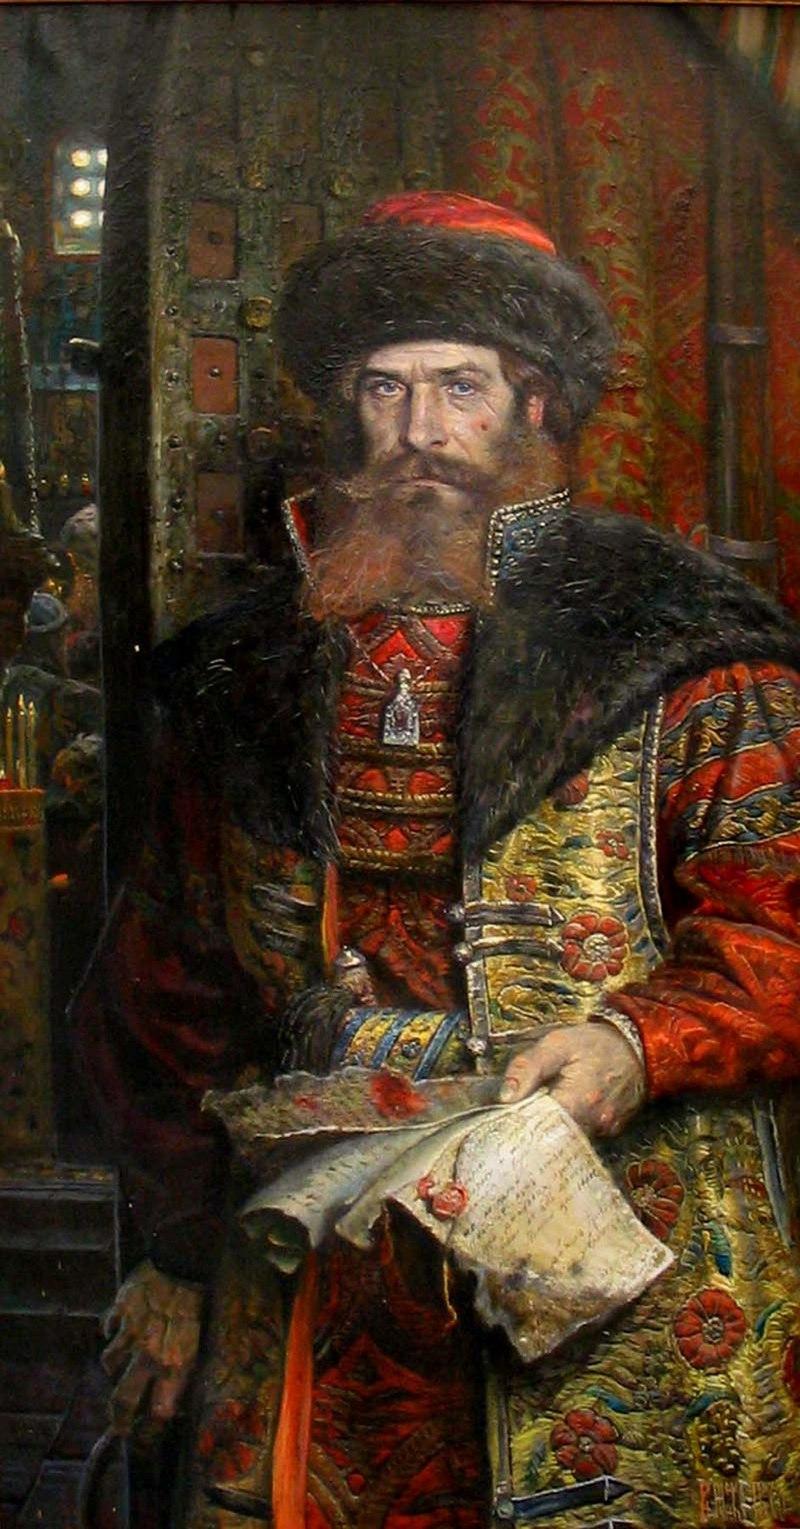 Царский Указ. Малюта Скуратов, 2006 год.